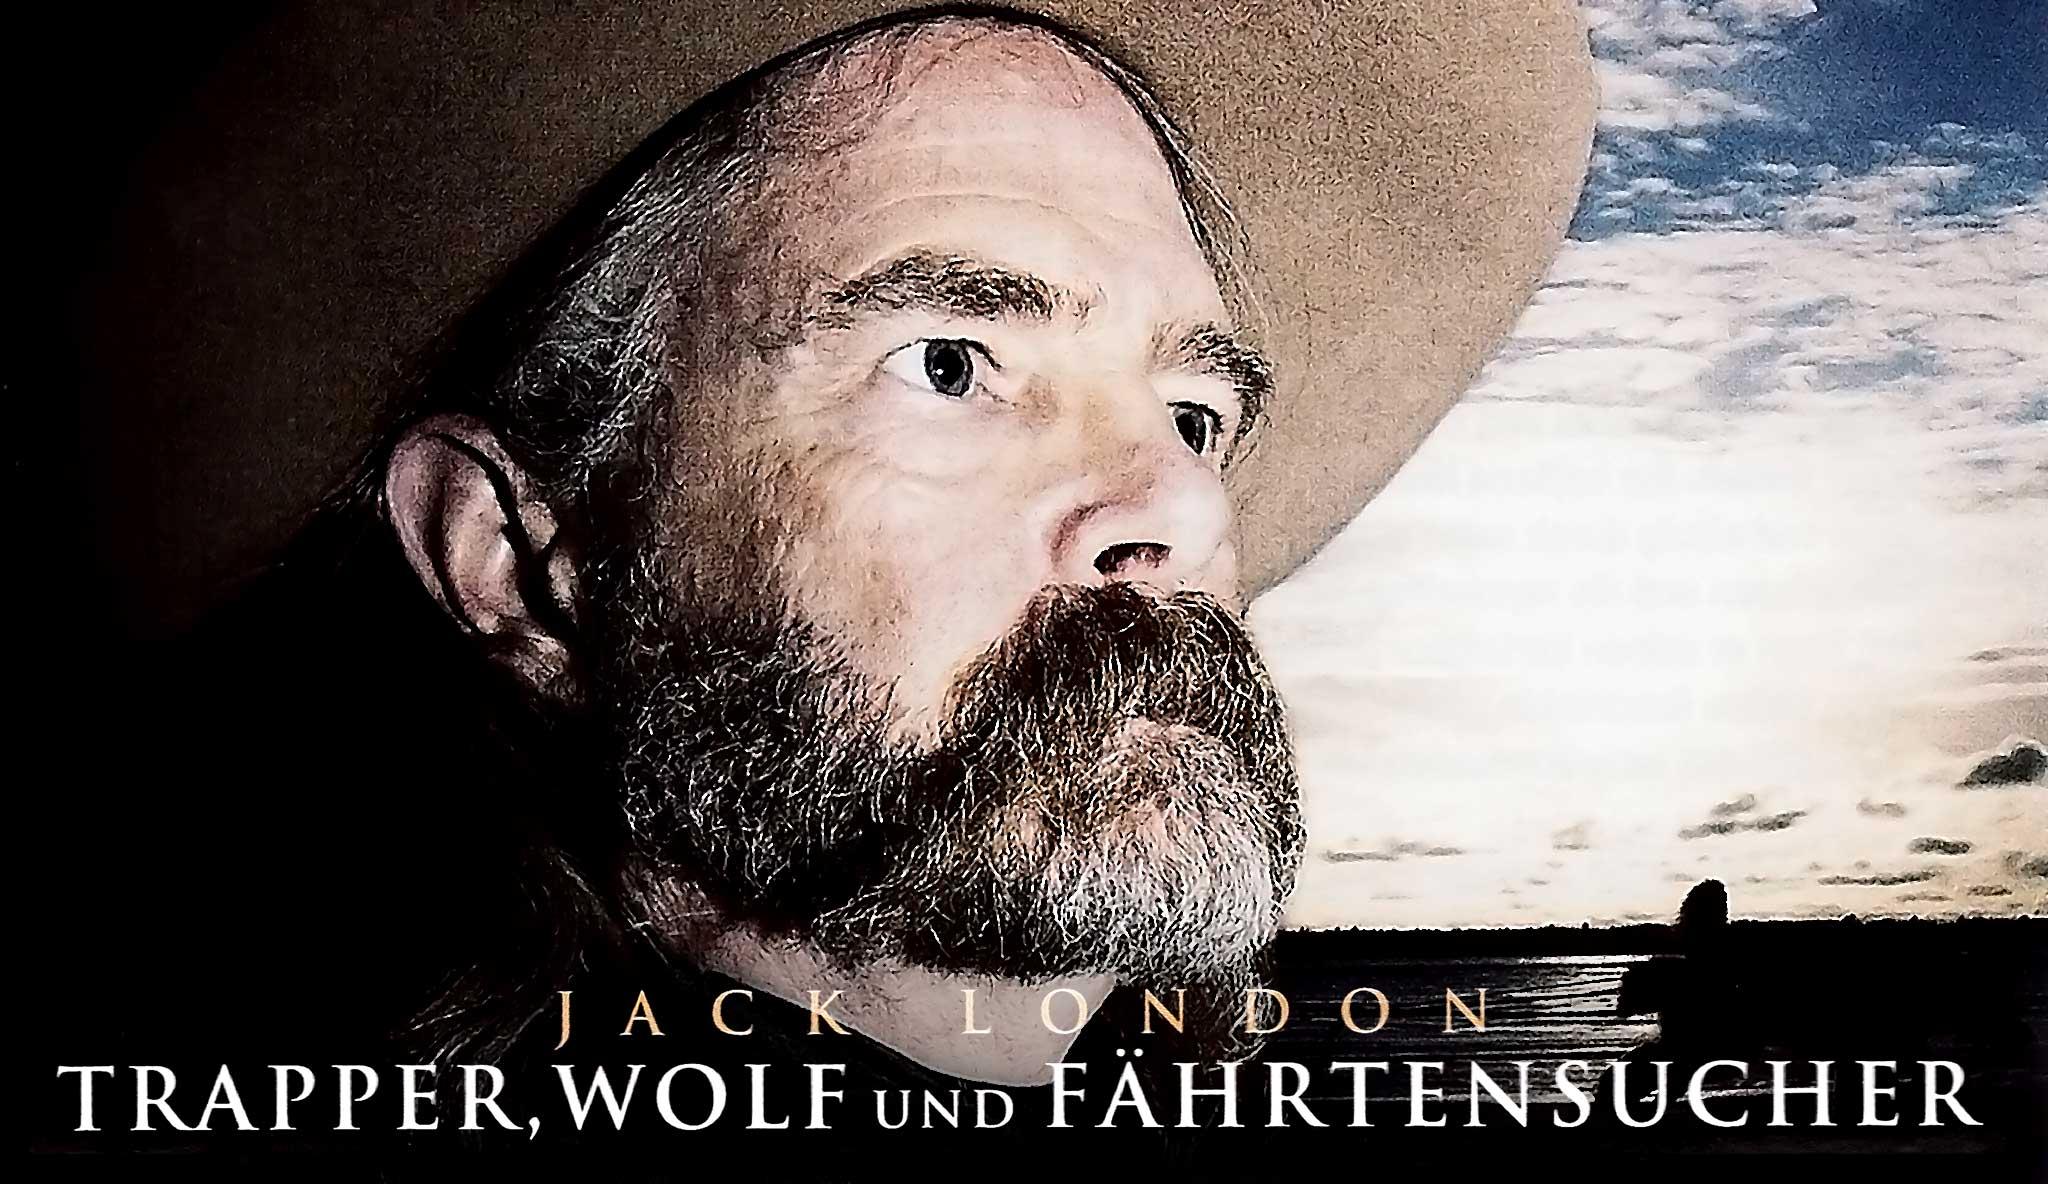 jack-london-trapper-wolf-und-fahrensucher\header.jpg